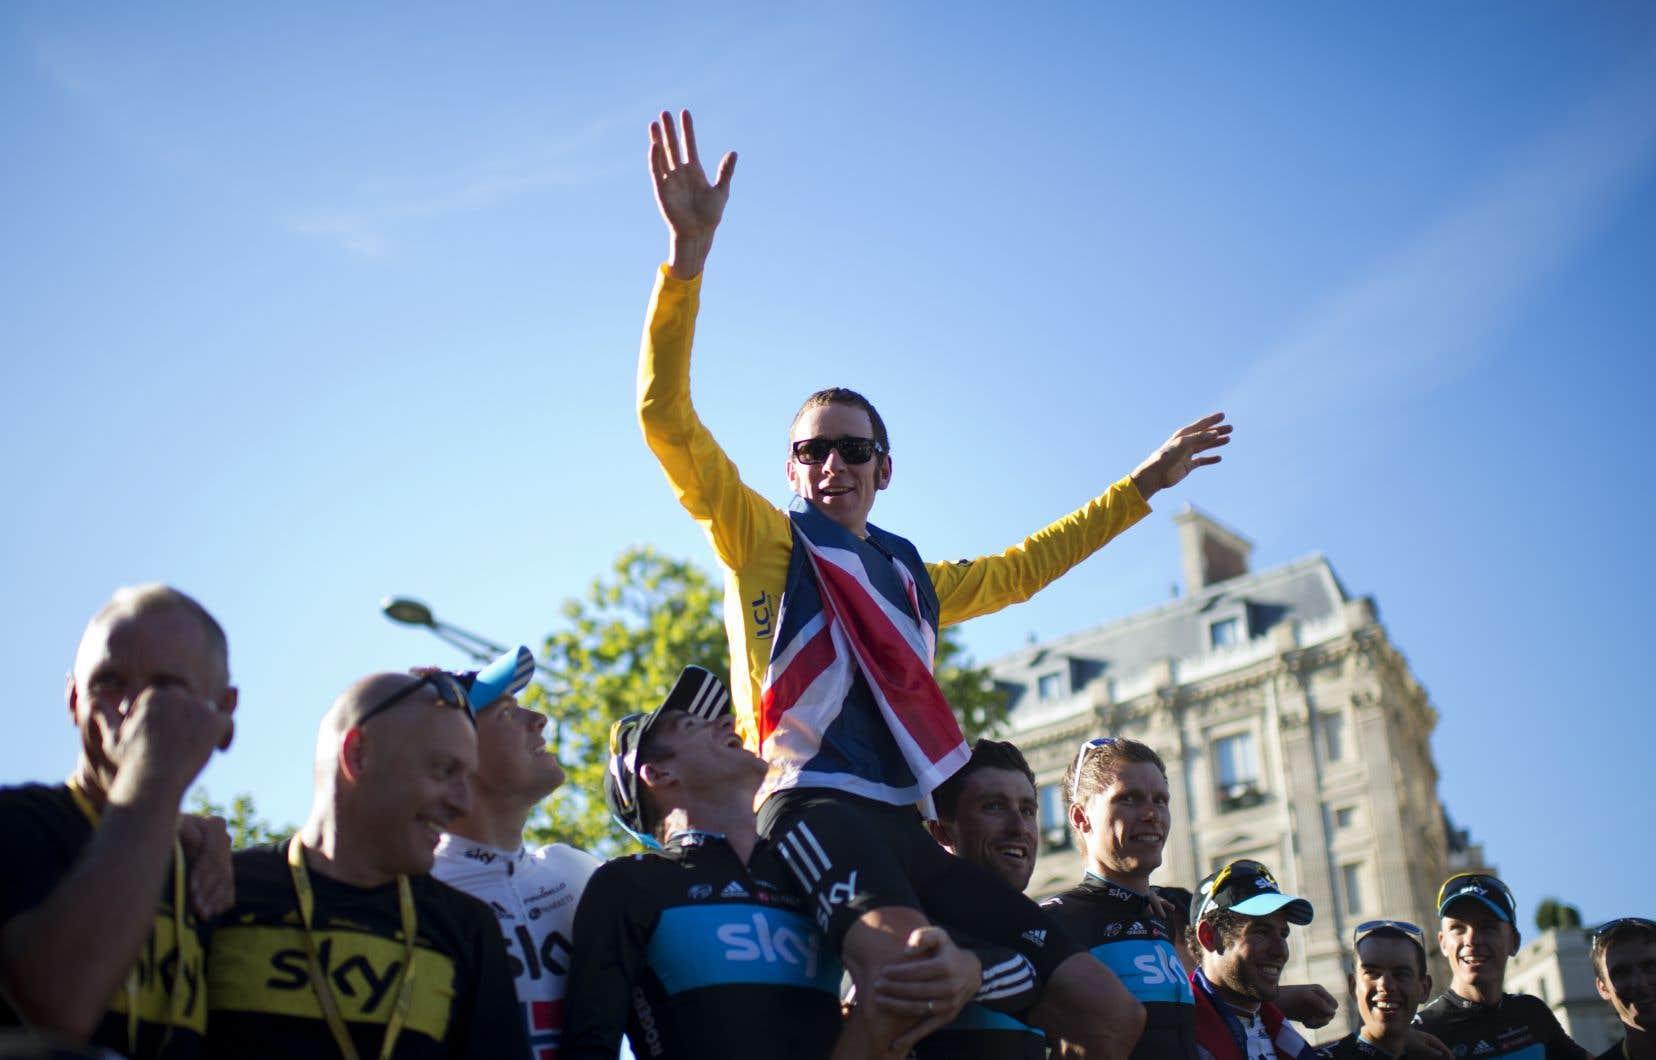 Le coureur Bradley Wiggins est accusé d'avoir utilisé des corticoïdes pour améliorer ses performances, notamment sur le Tour de France 2012 qu'il a remporté.